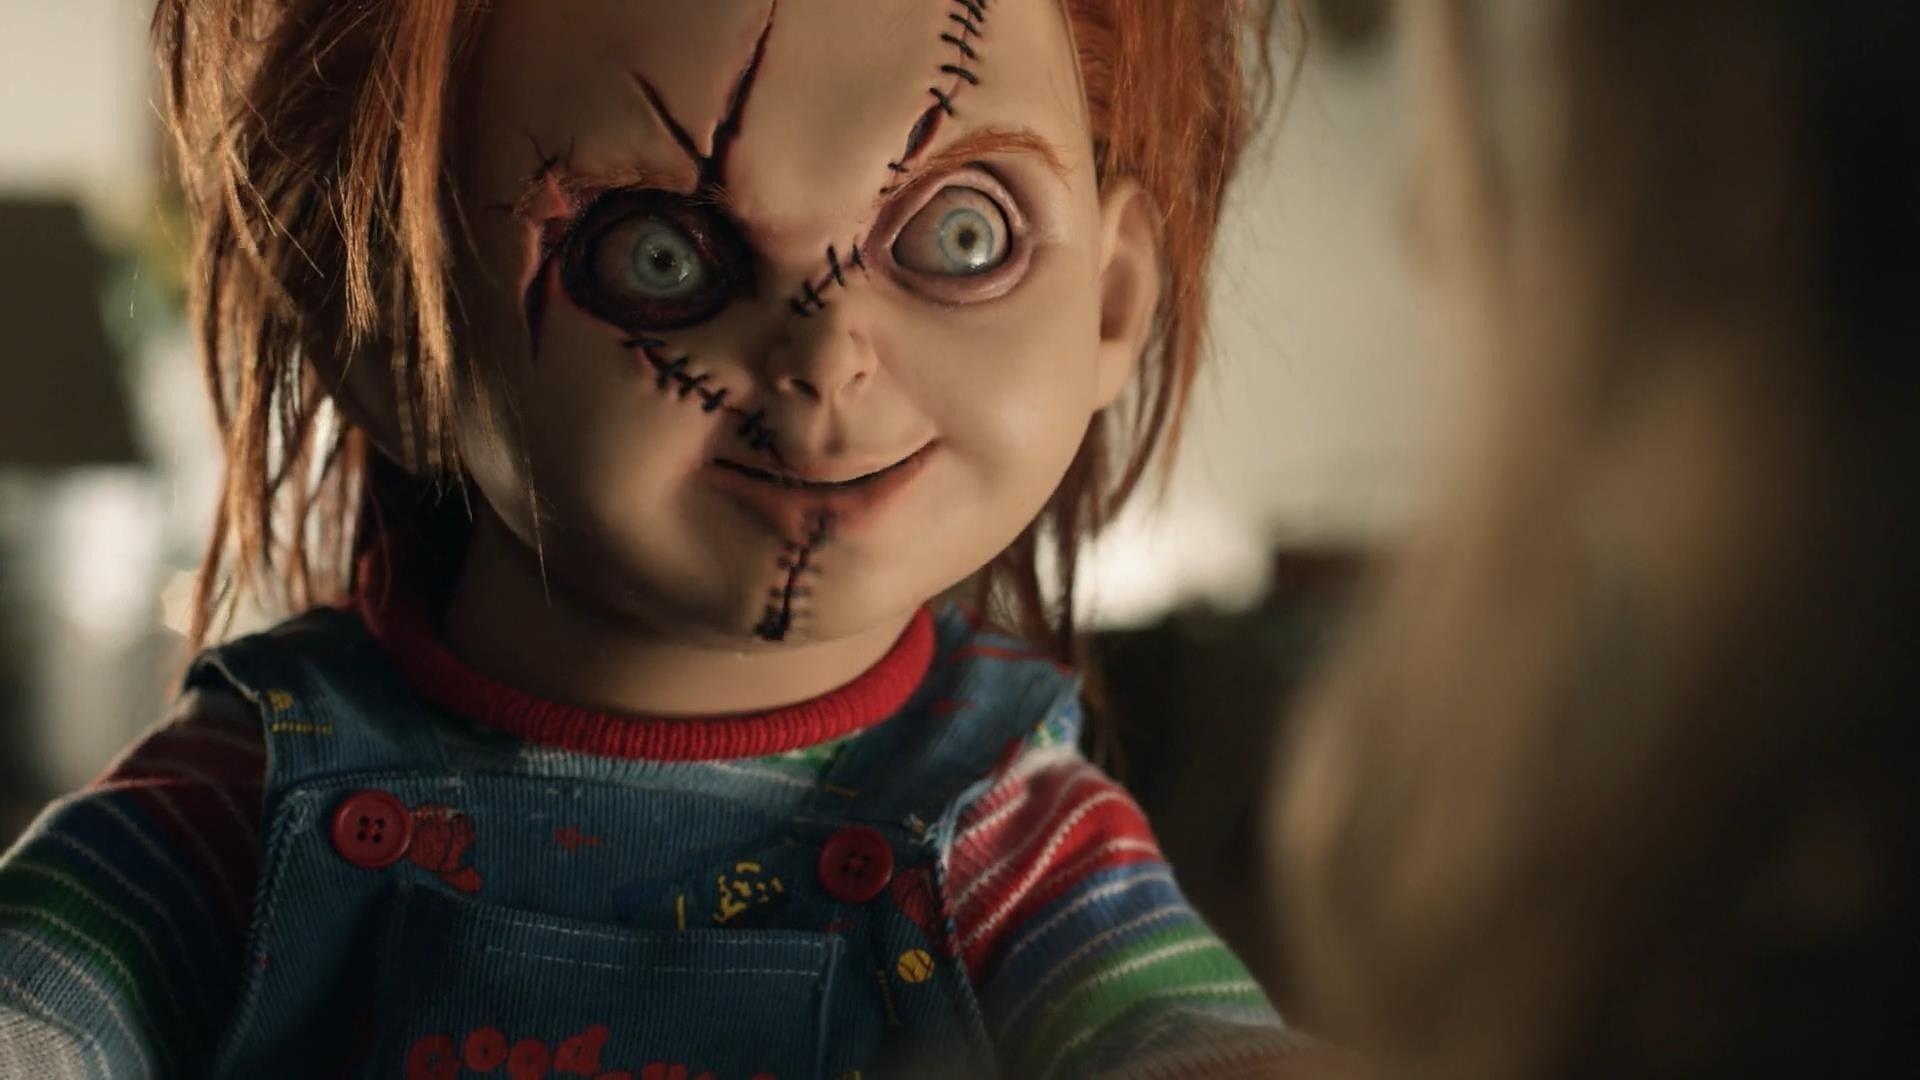 Chucky bishoujo